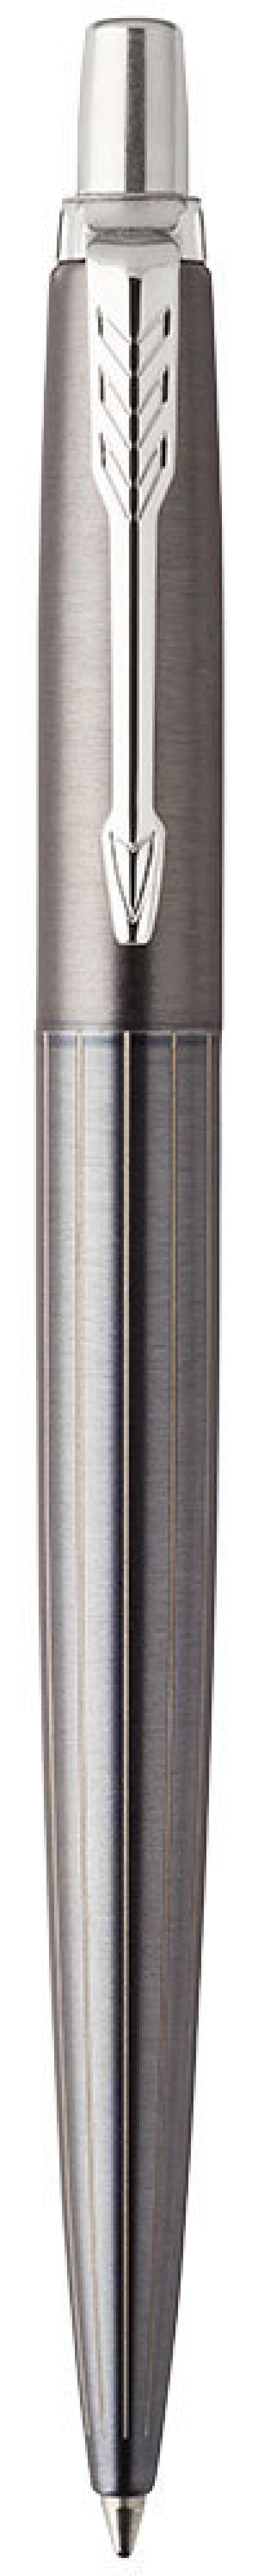 Шариковая ручка автоматическая Parker Jotter Premium K176 Oxford синий M 1953199 шариковая ручка parker jotter цвет красный 1005109